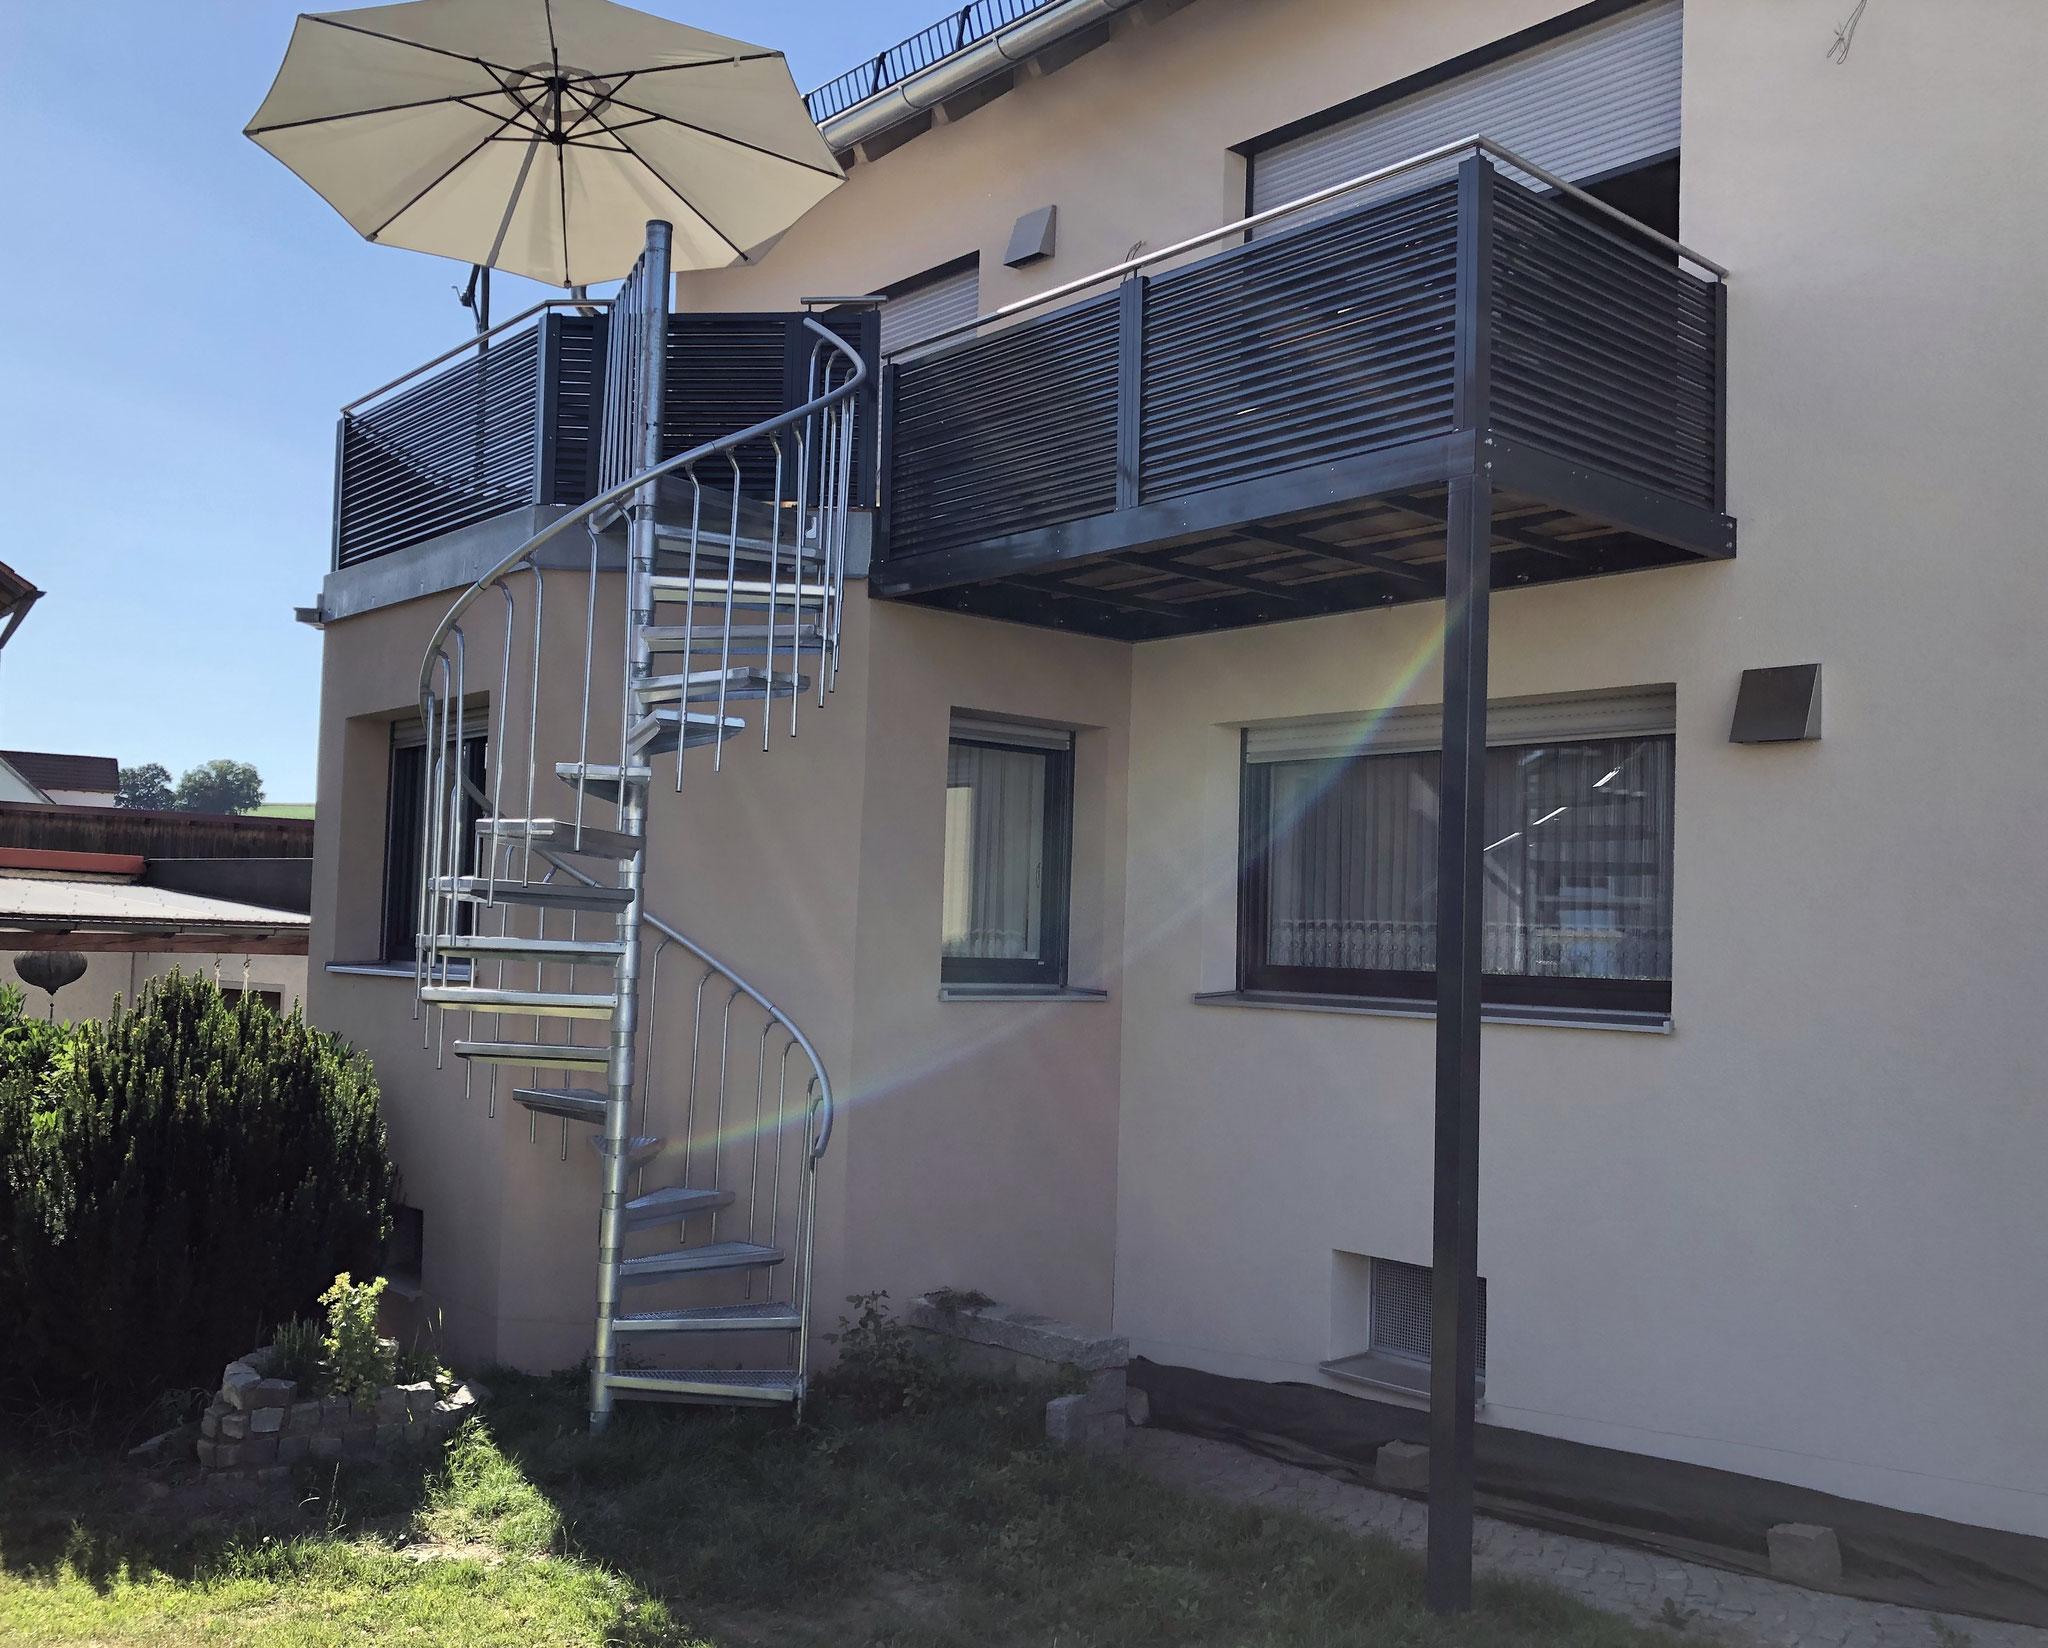 Balkonerweiterung mit Geländer, Wendeltreppe und Türe